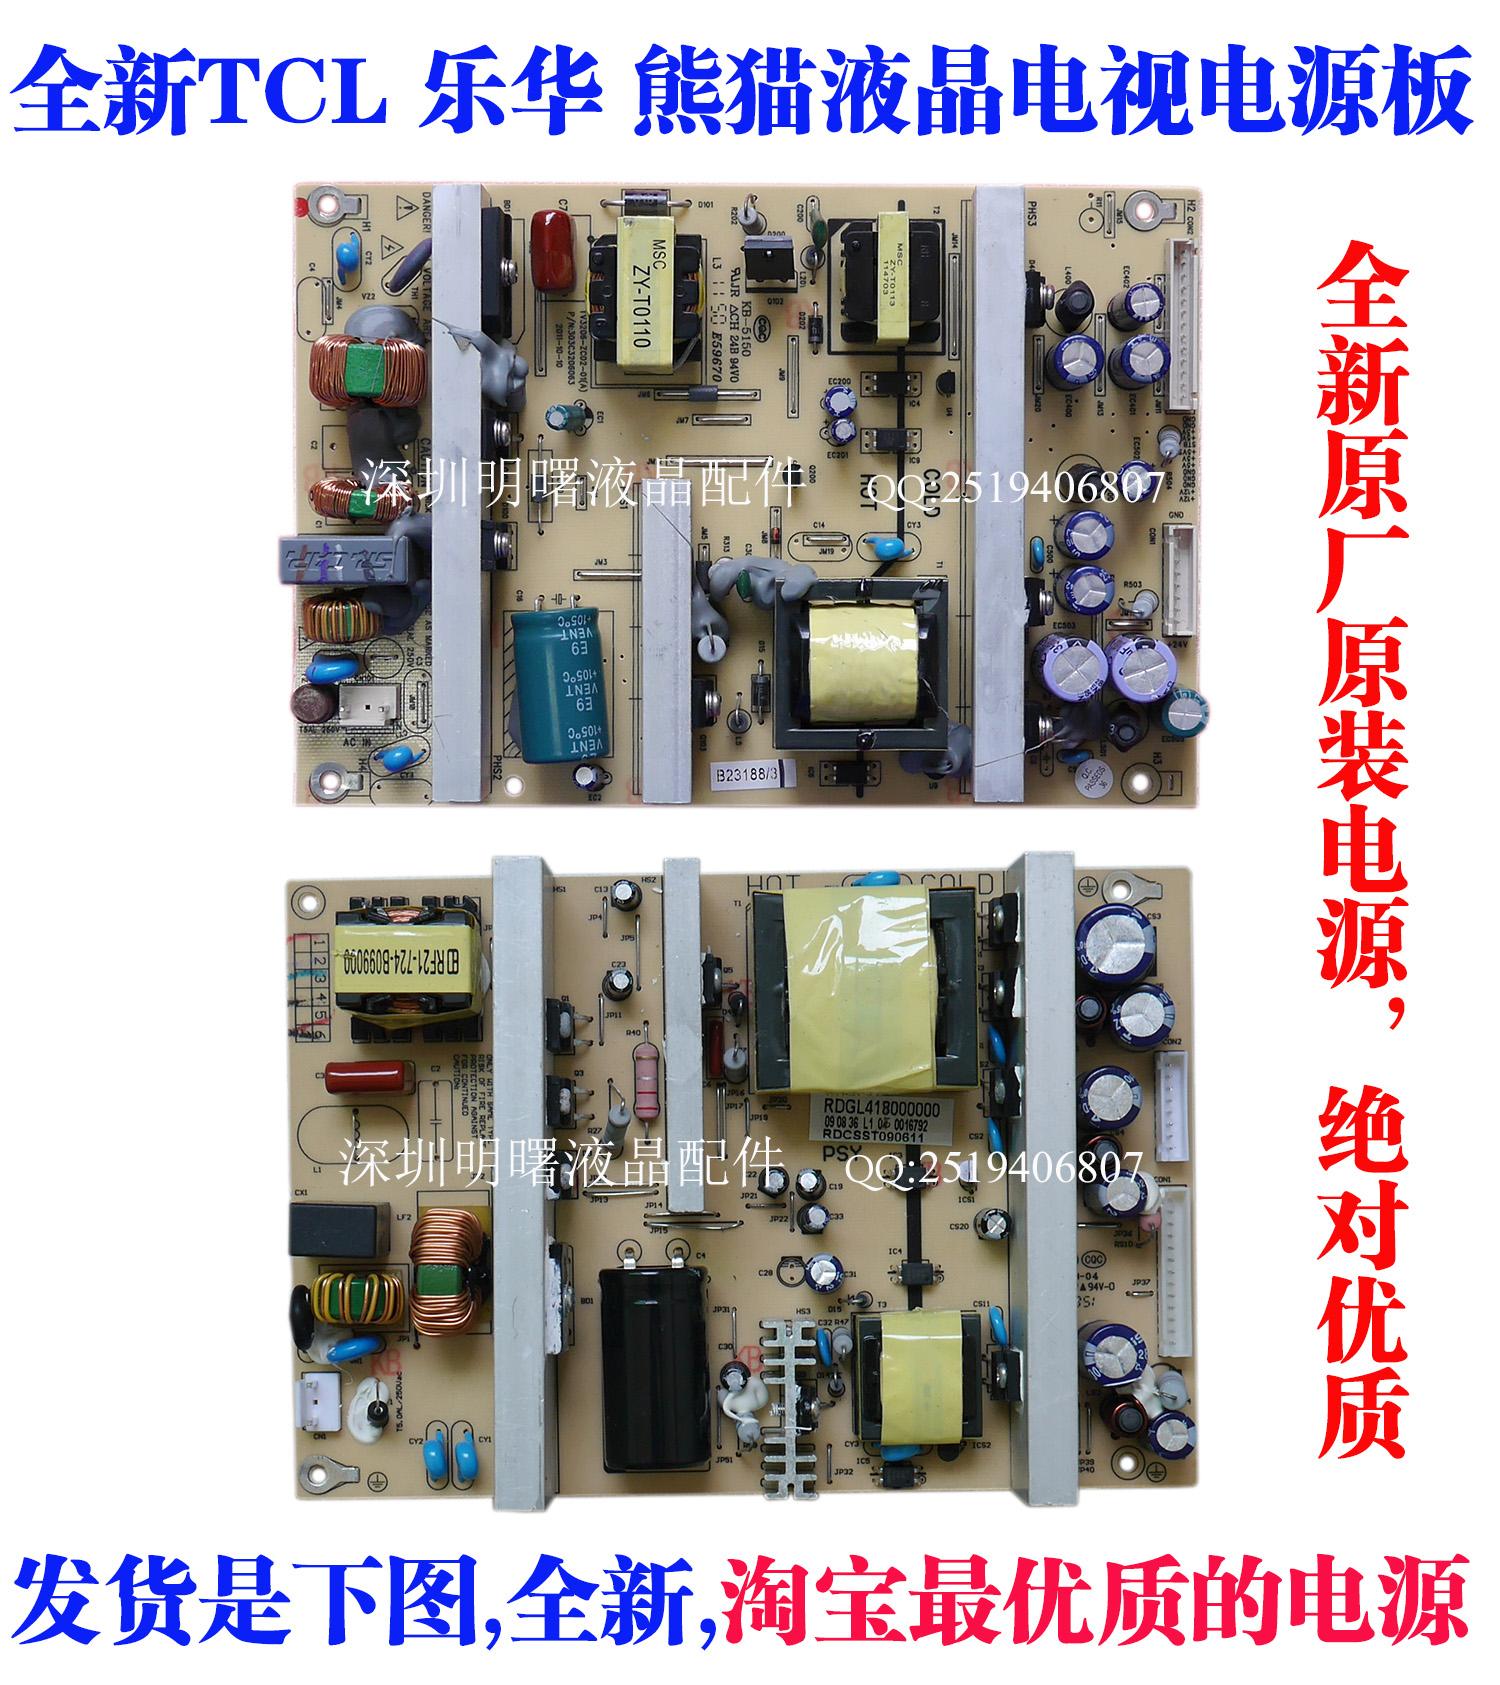 Новый оригинальный Panda L32M02 CTN150 TV3206-ZC02-01 () KB-5150 блок питания платы